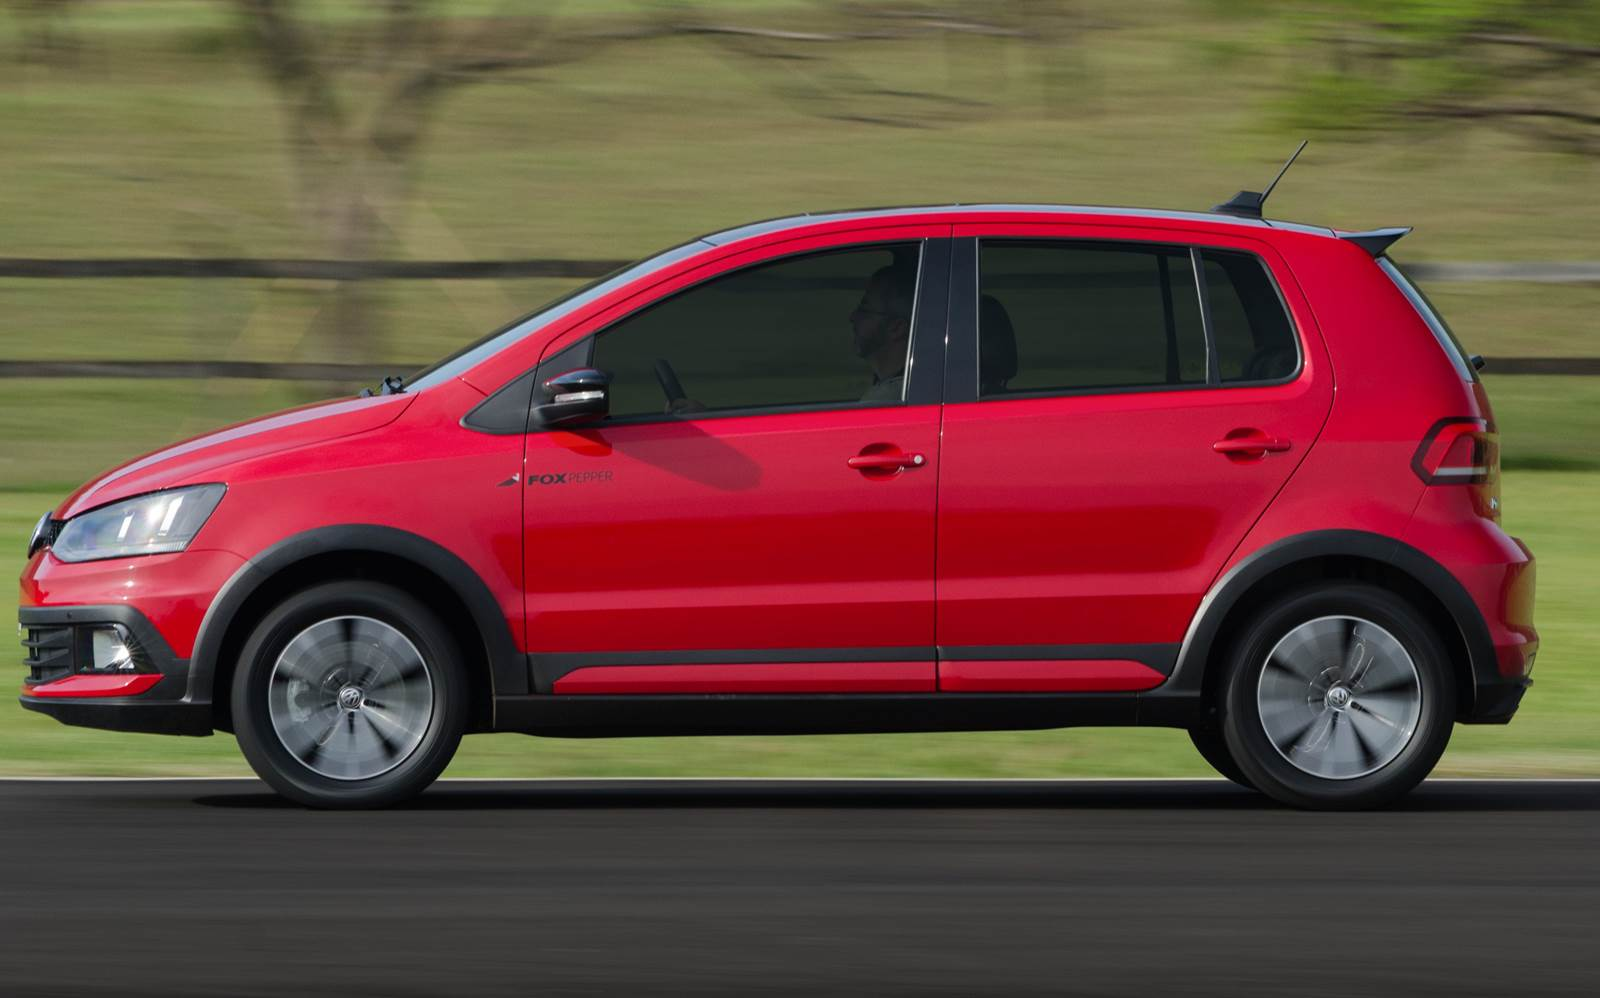 Novo VW Fox Pepper: preço sugerido R$ 53.500 reais